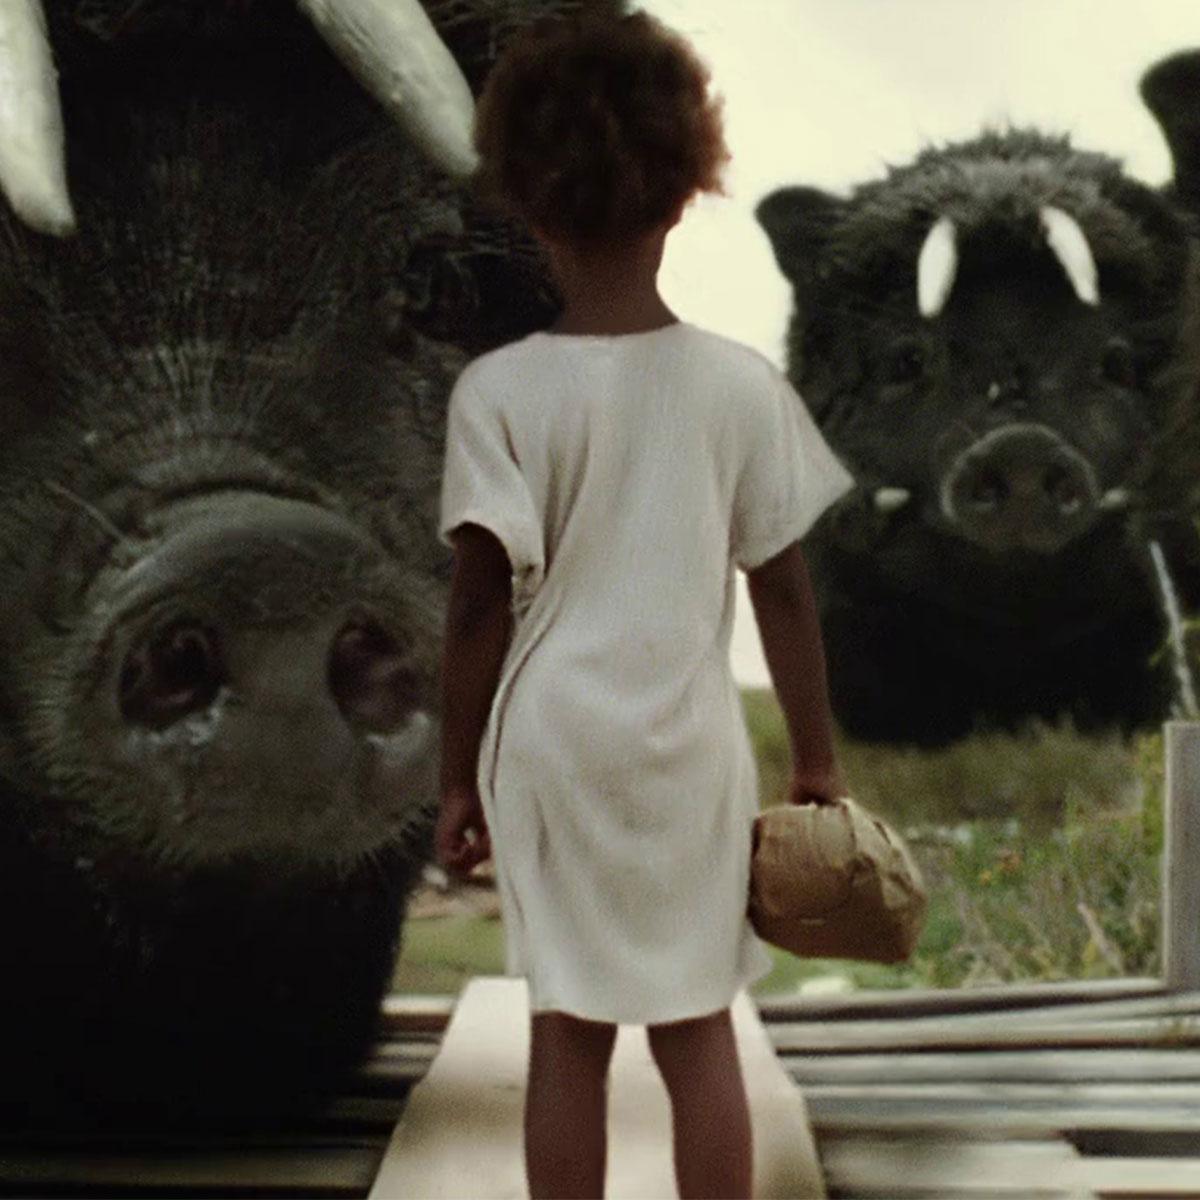 niña afro frente a jabalíes gigantes, de la película Bestias del sur salvaje